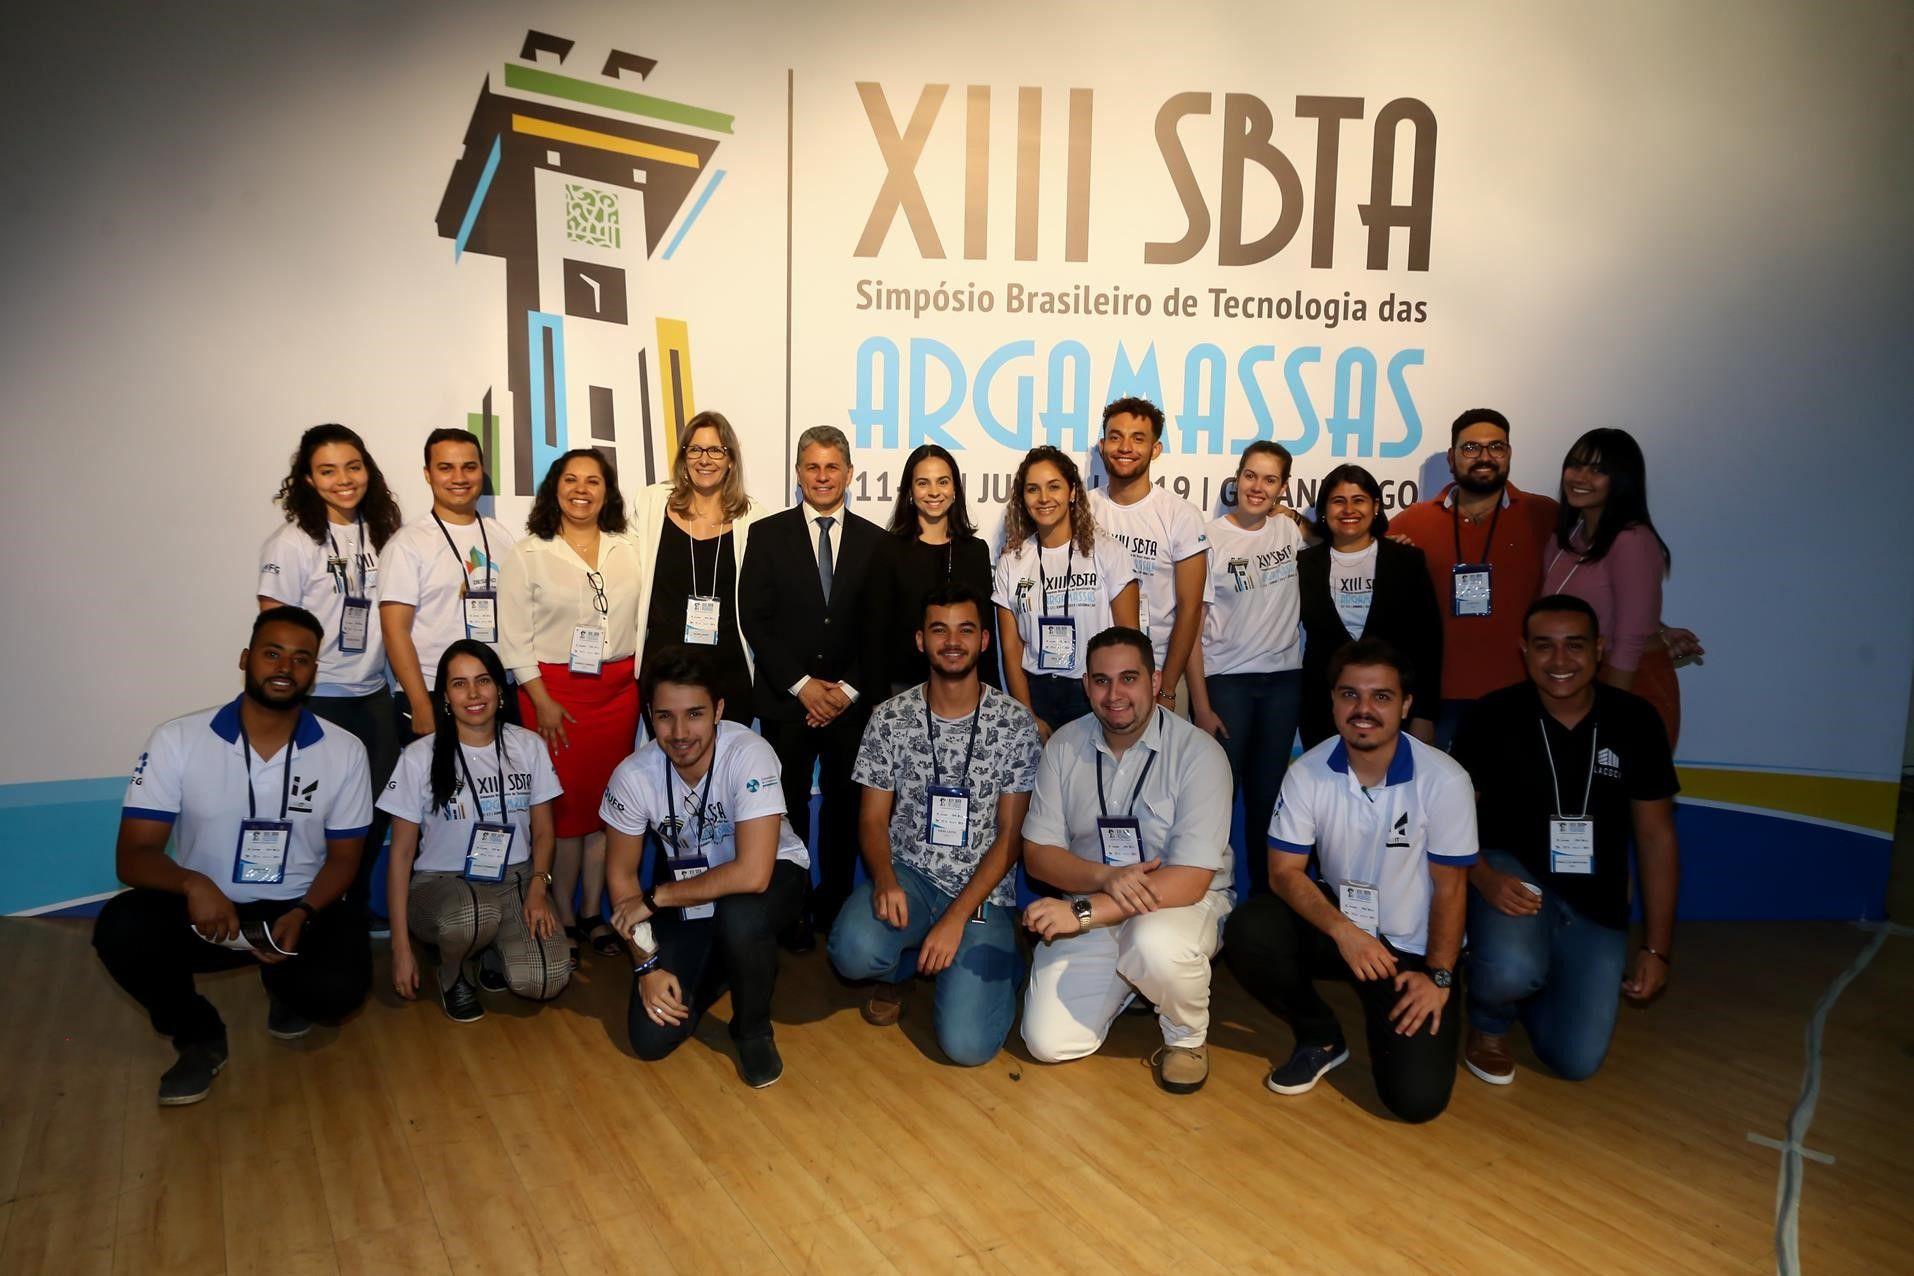 Comitê organizador e colaboradores (alunos e técnicos da UFG) durante o evento.